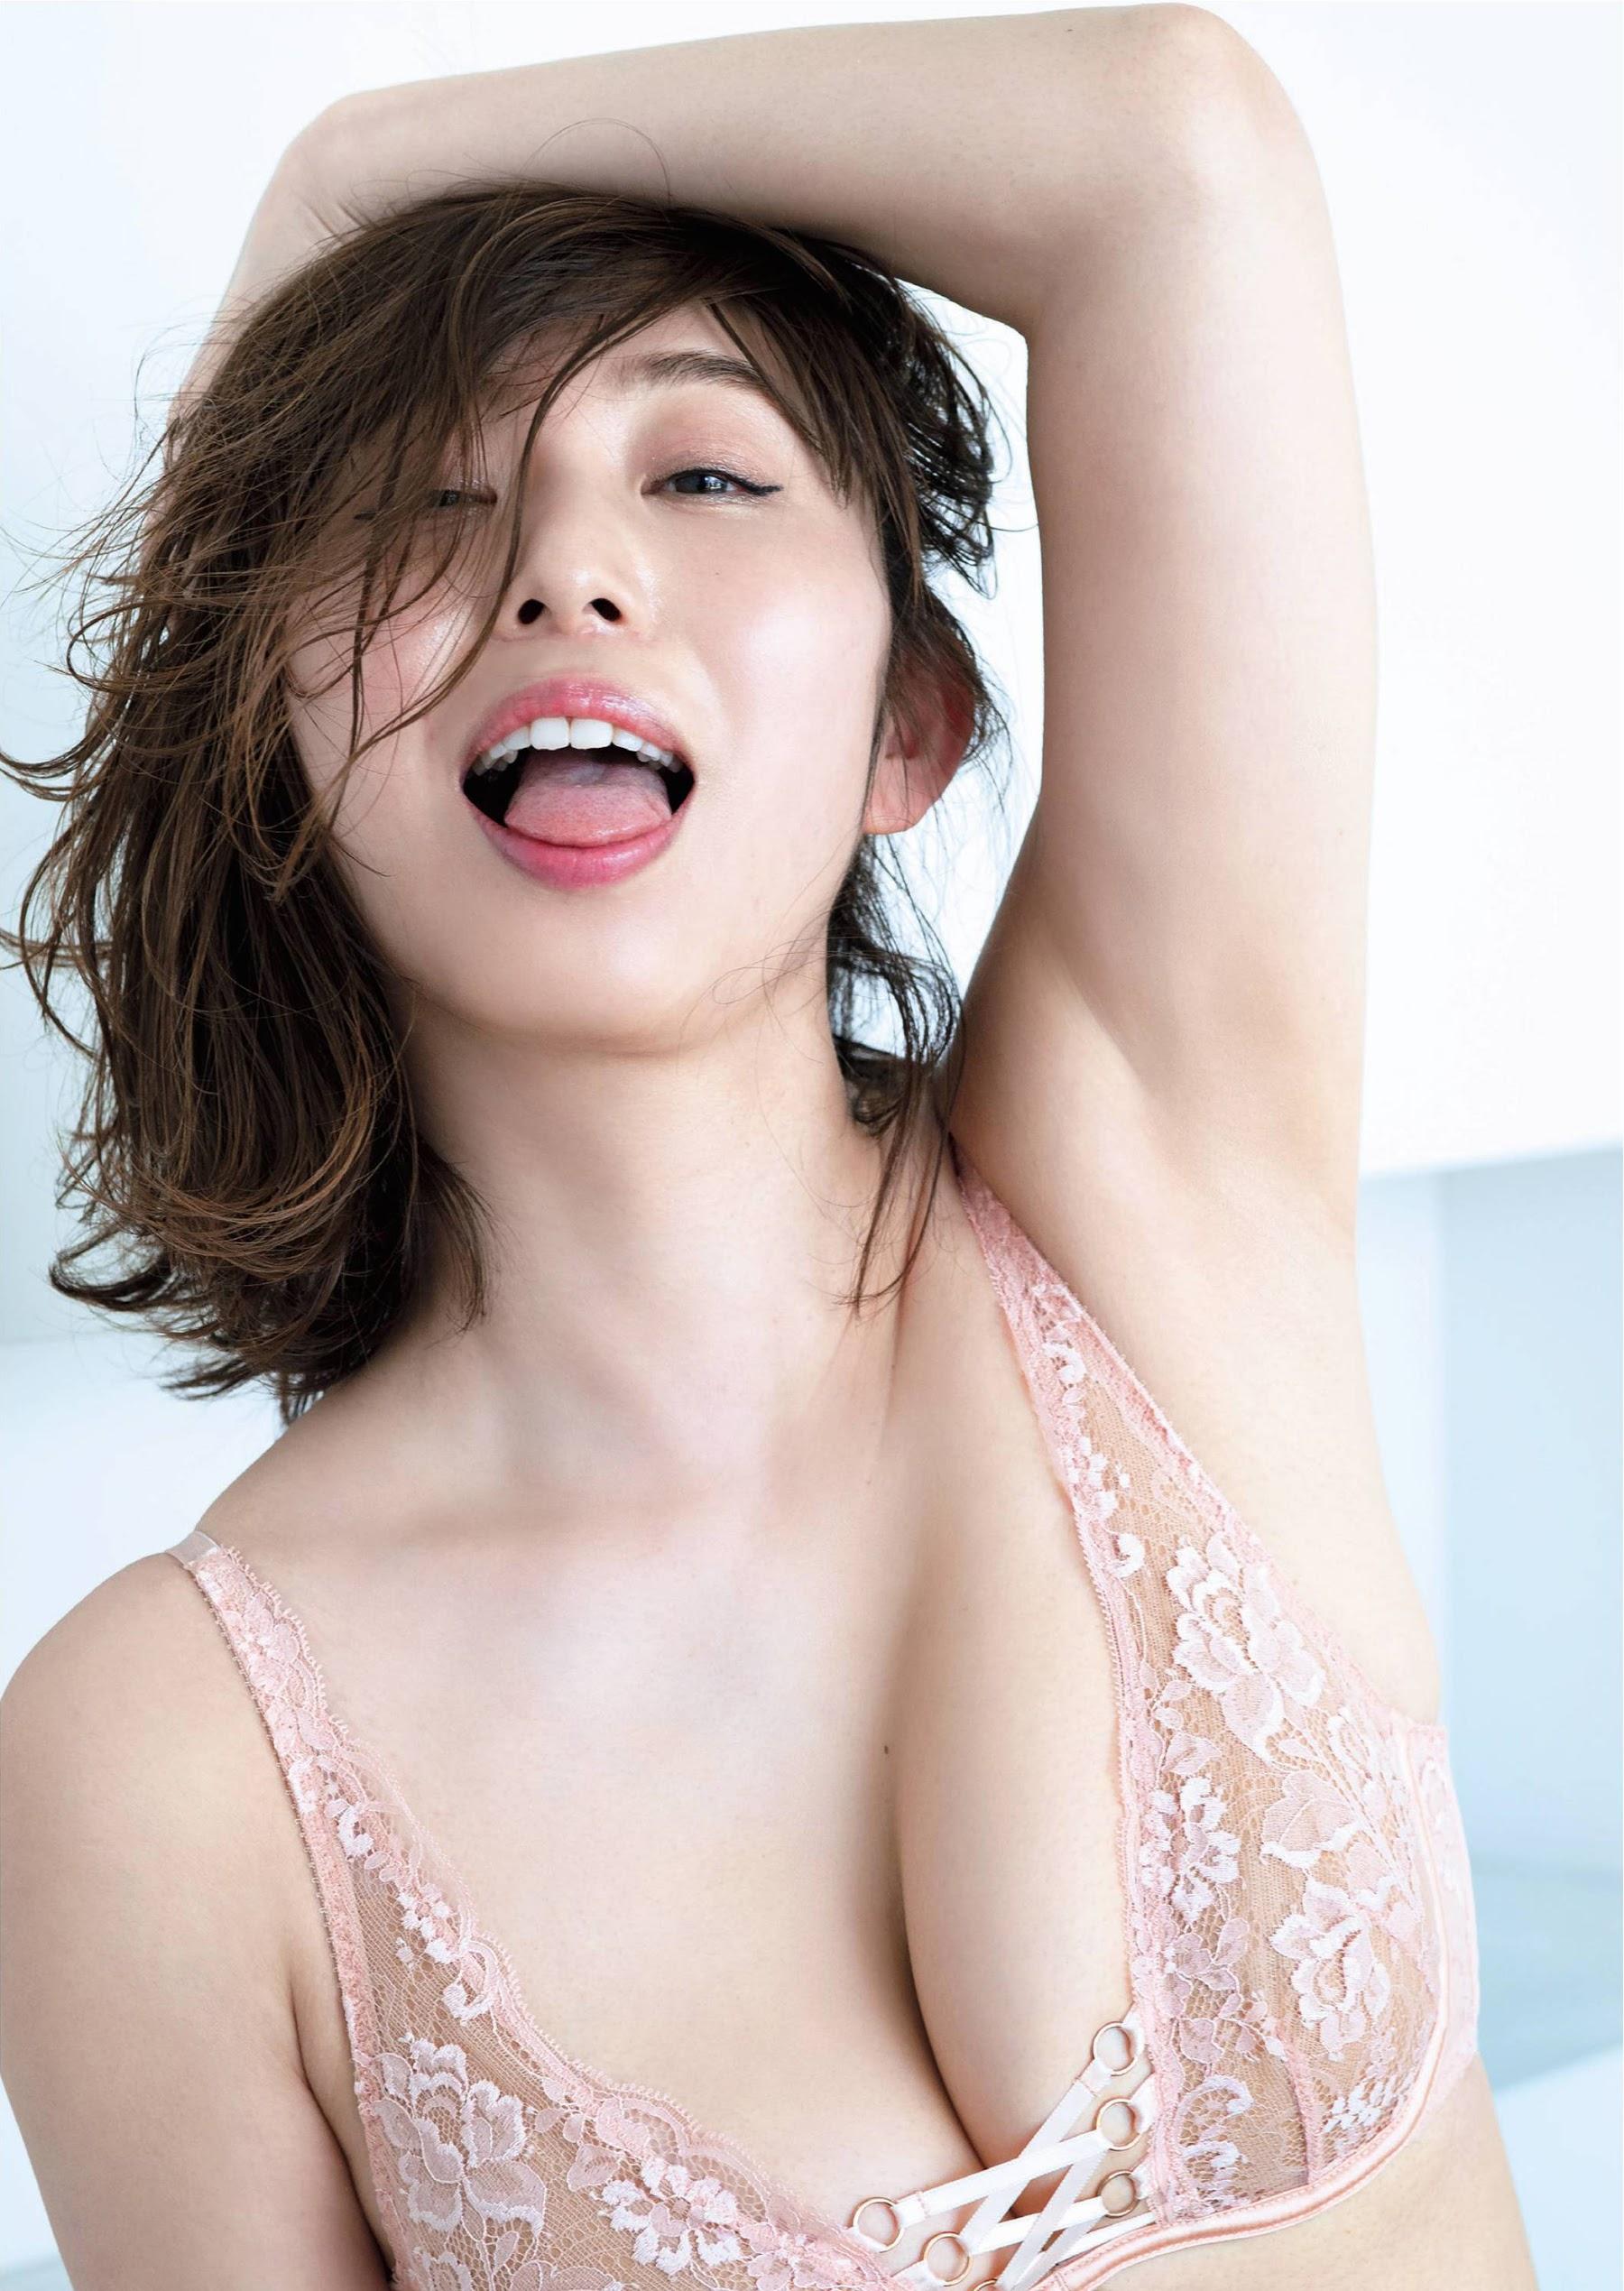 Japans best pheromone female announcer003